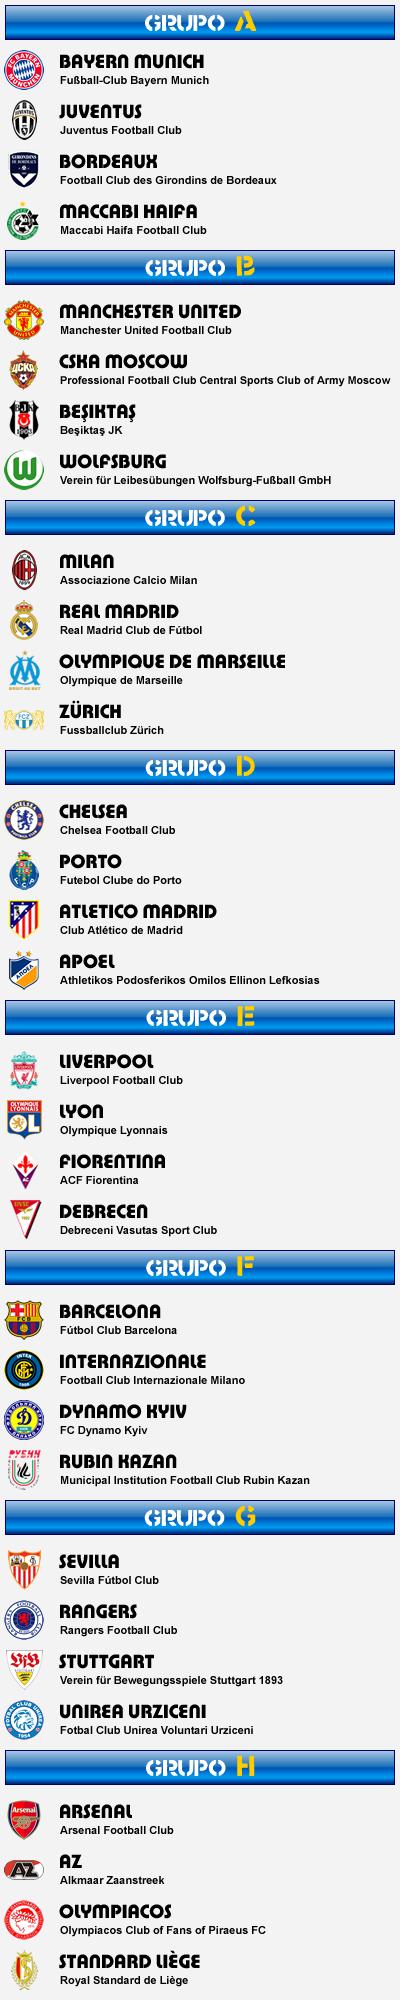 Os 32 times da UEFA Champions League 2009/10